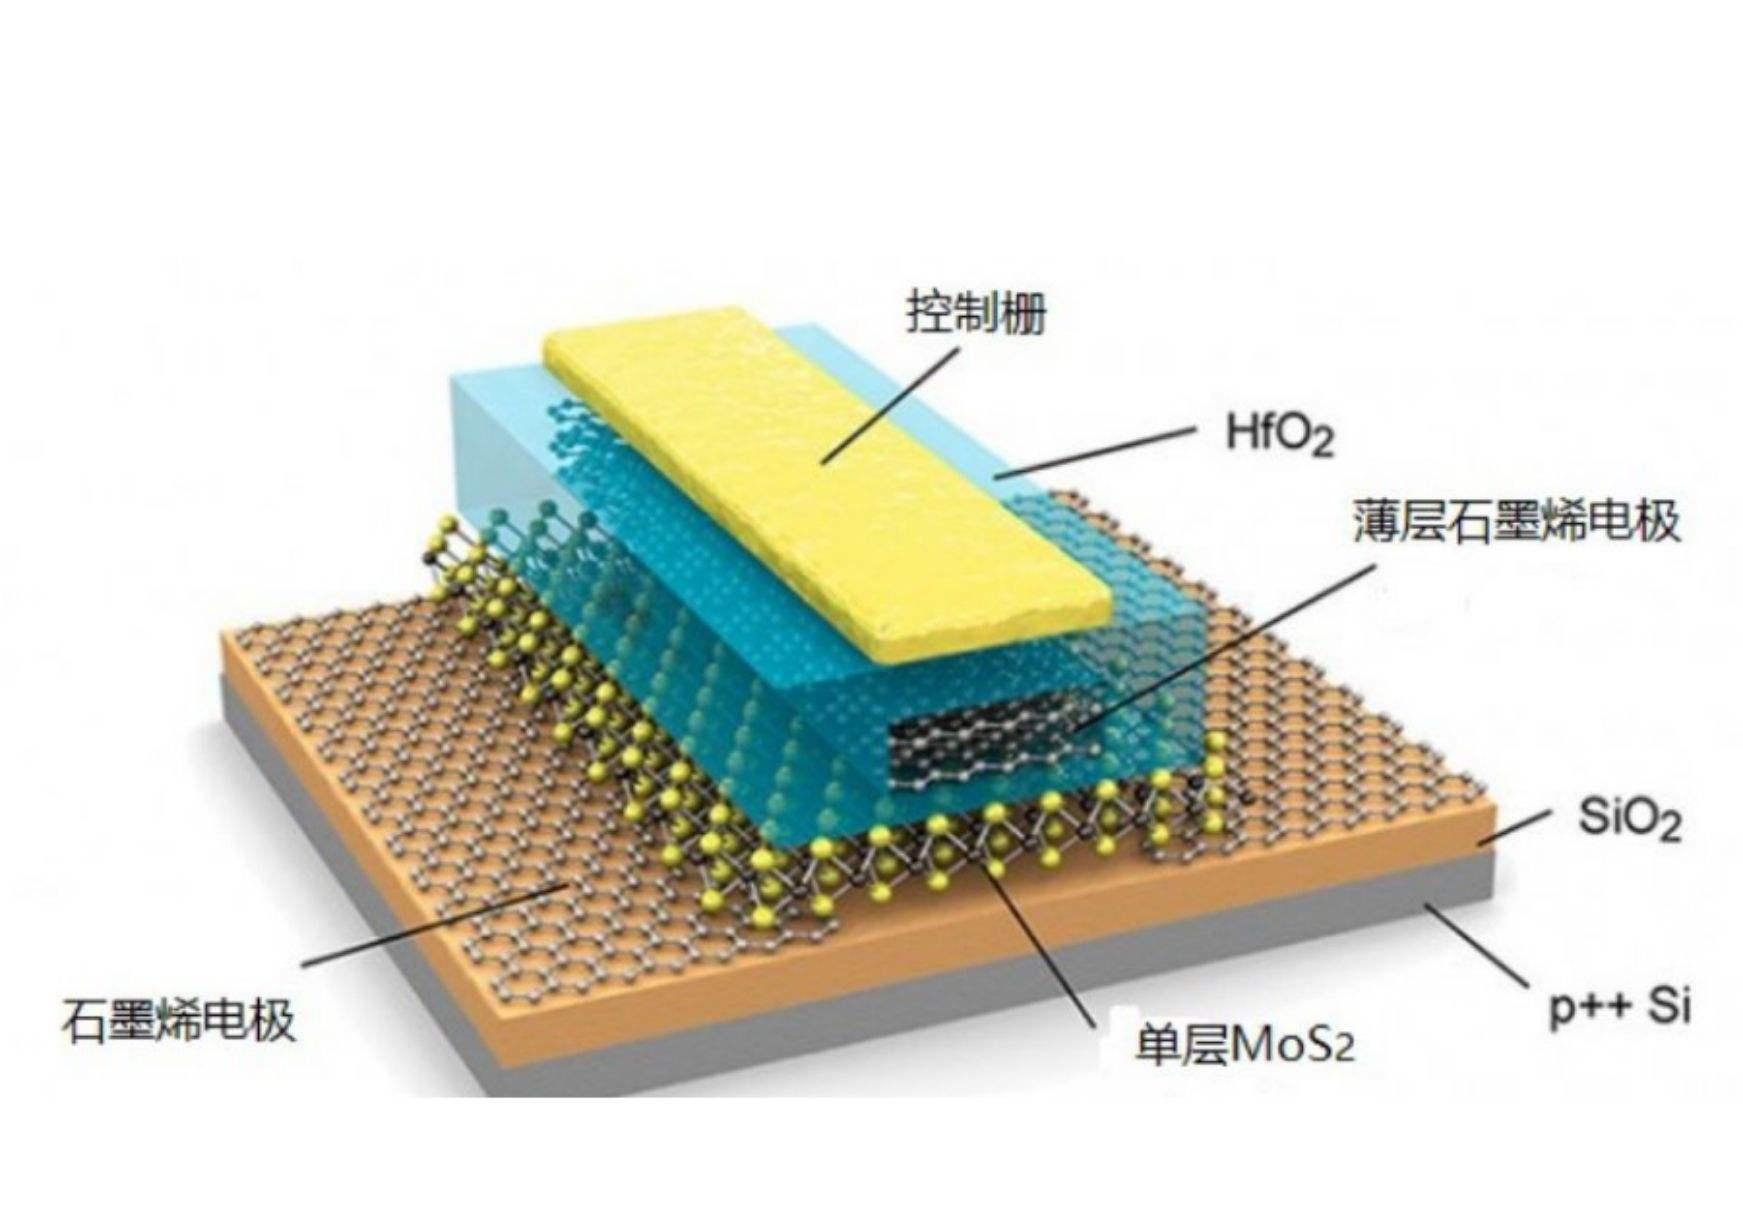 锂硫电池,高性能电池汽车行驶1000公里